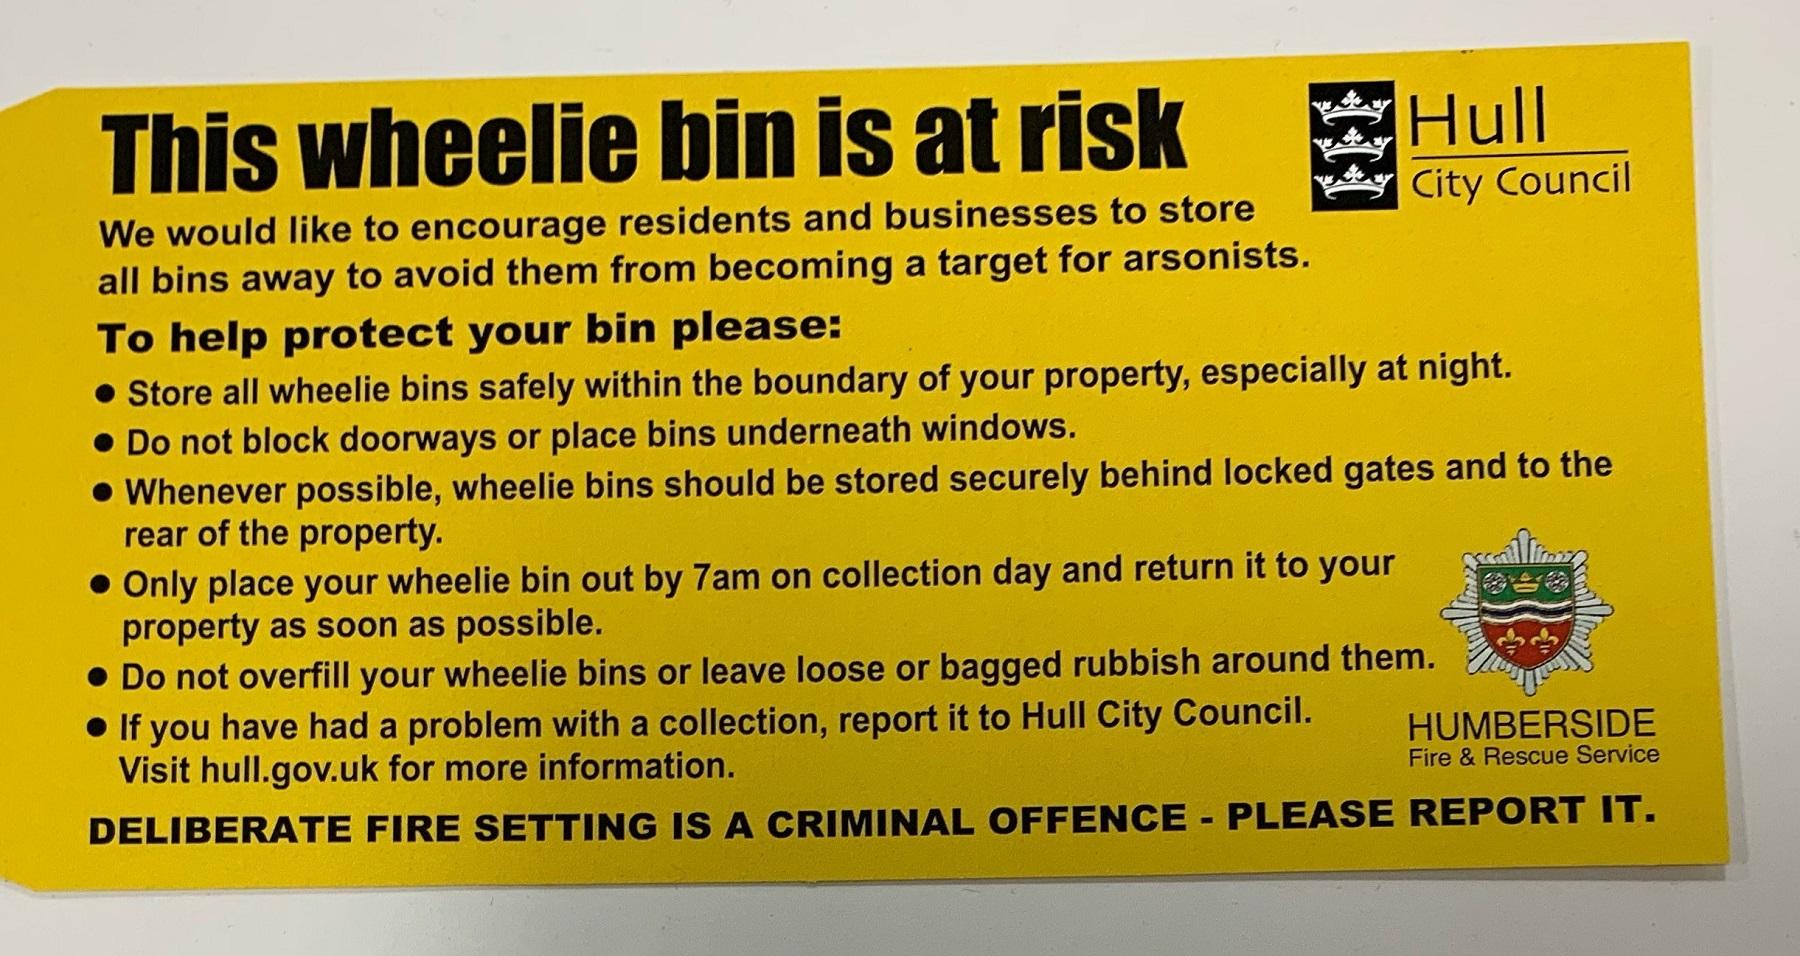 A wheelie bin risk tag